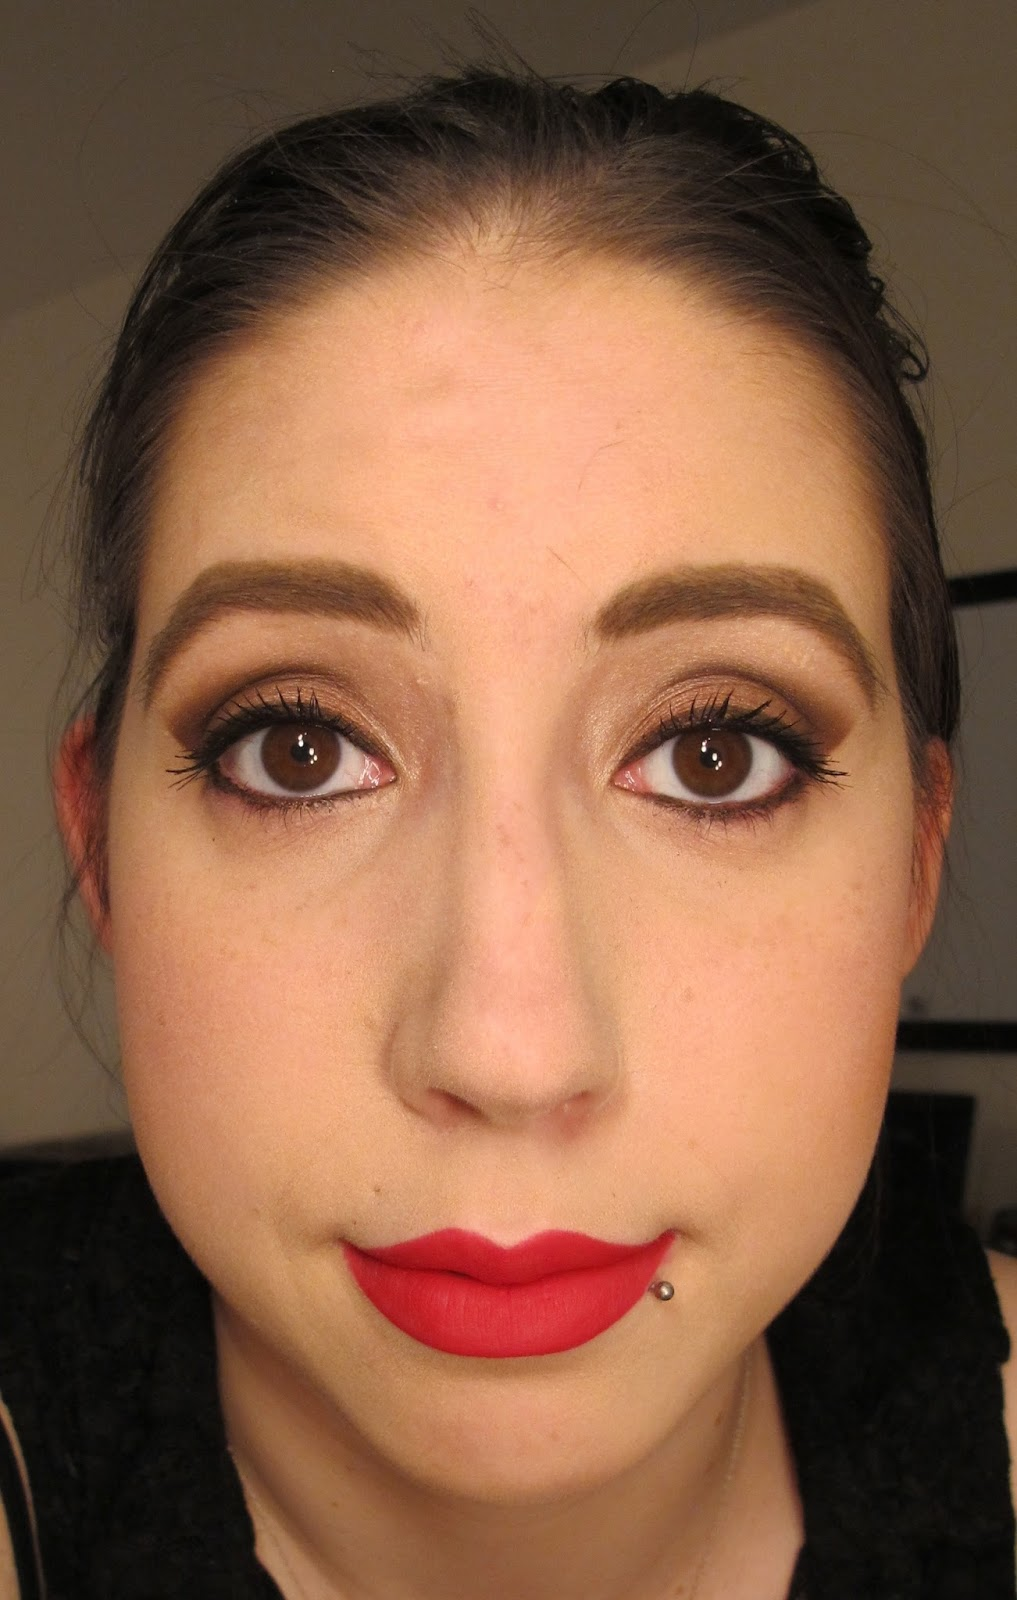 Fall Makeup Pumpkin Spice Inspired: Steph Stud Makeup: Fall Makeup Look Using MAC